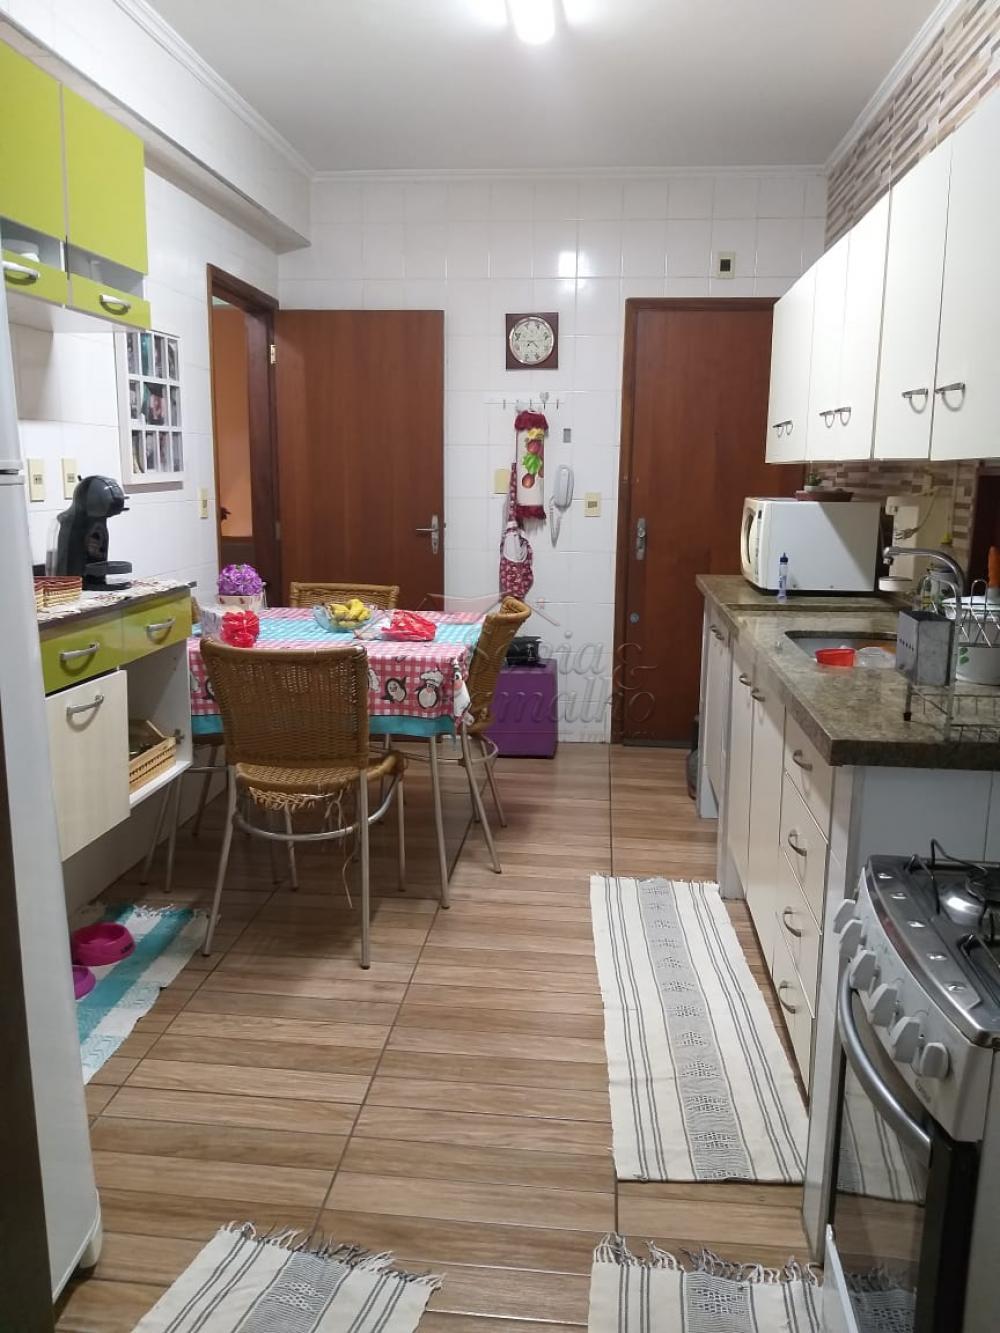 Comprar Apartamentos / Padrão em Ribeirão Preto apenas R$ 196.000,00 - Foto 16